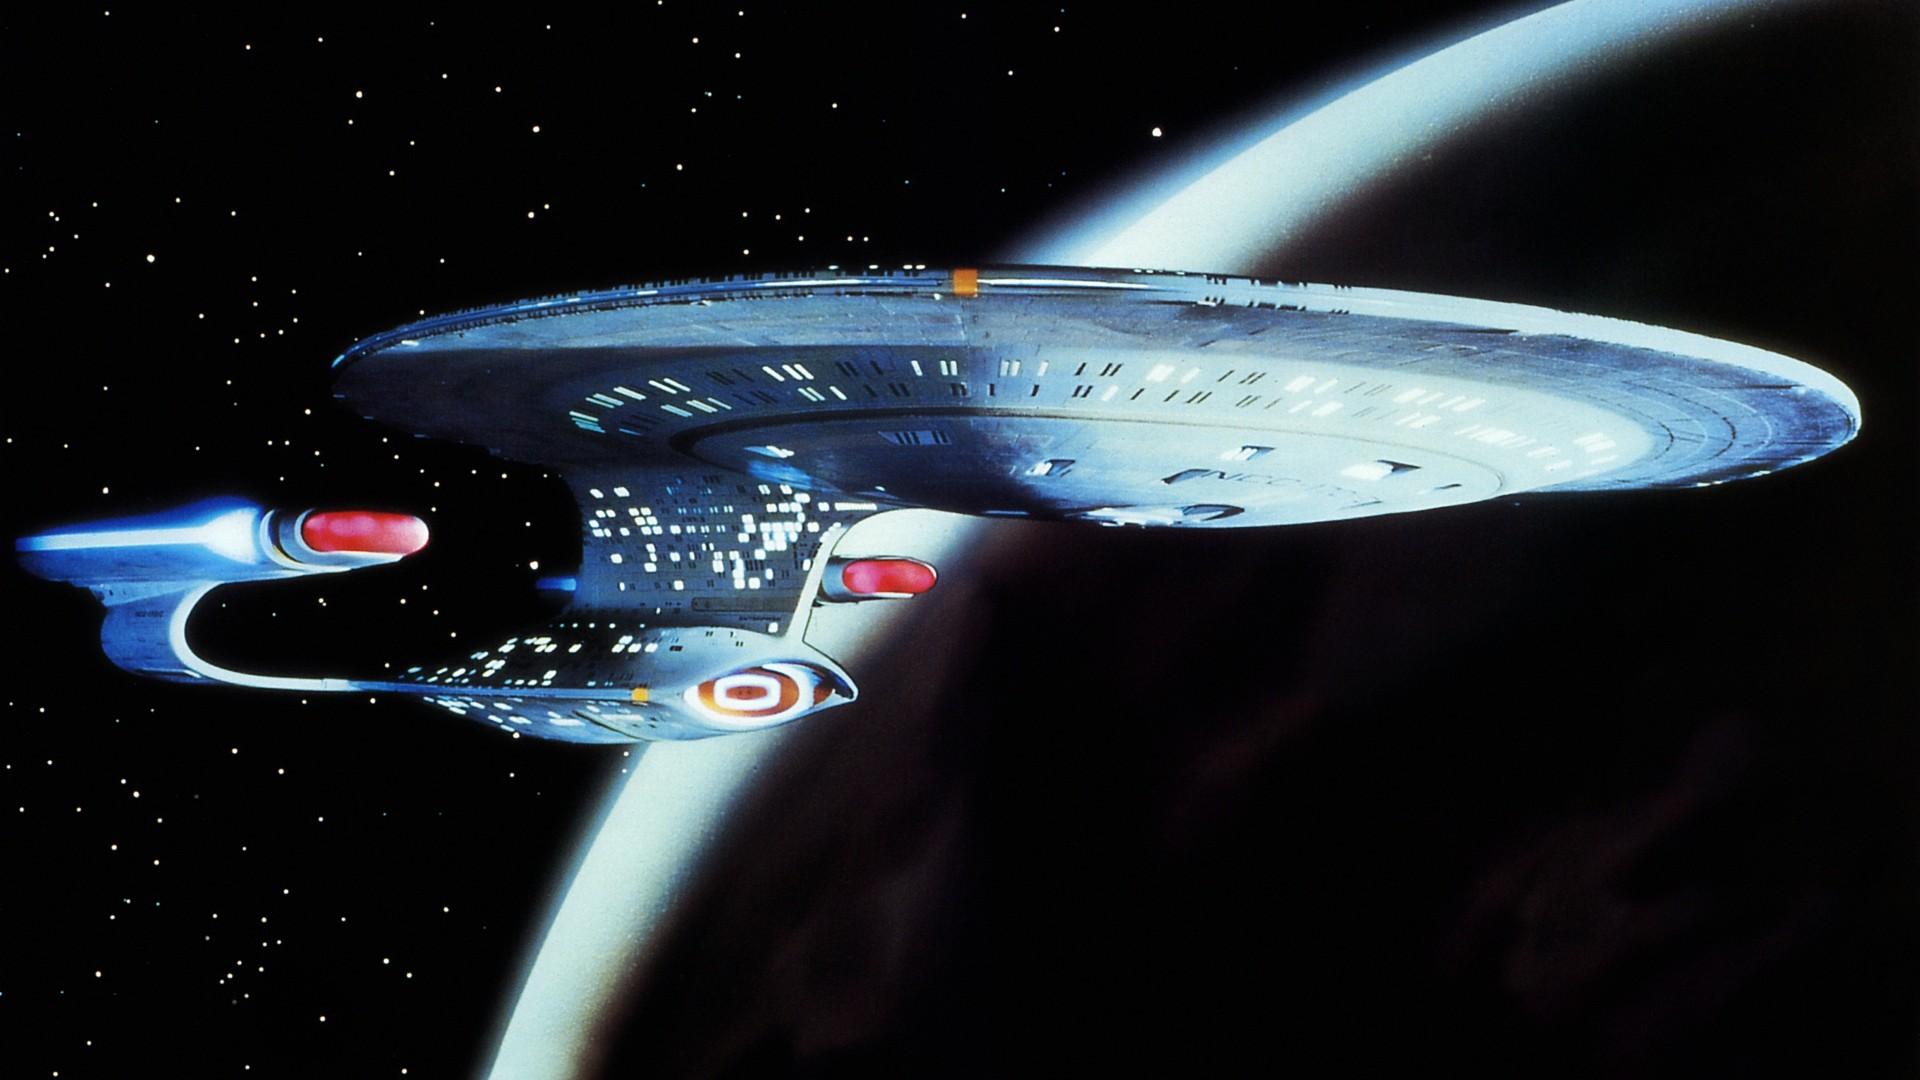 Star Trek Tng Wallpaper Wallpapertag